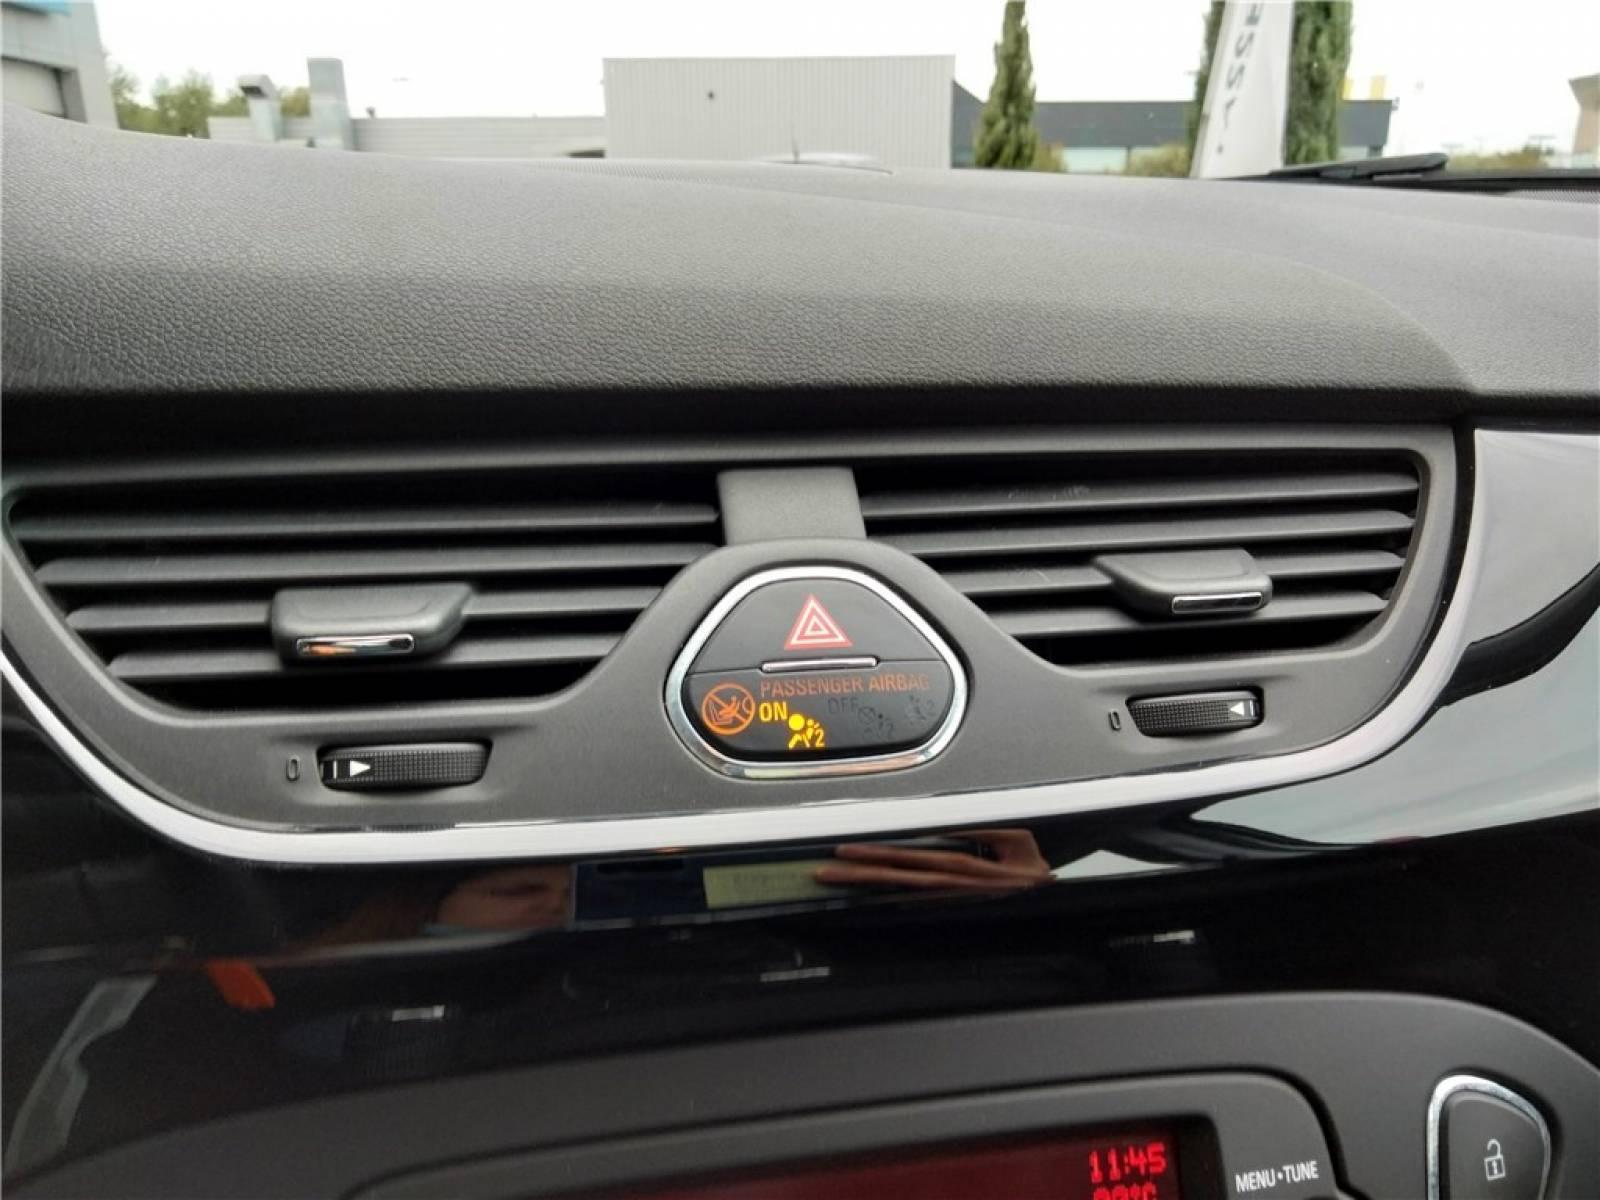 OPEL Corsa 1.4 90 ch - véhicule d'occasion - Groupe Guillet - Opel Magicauto - Chalon-sur-Saône - 71380 - Saint-Marcel - 34